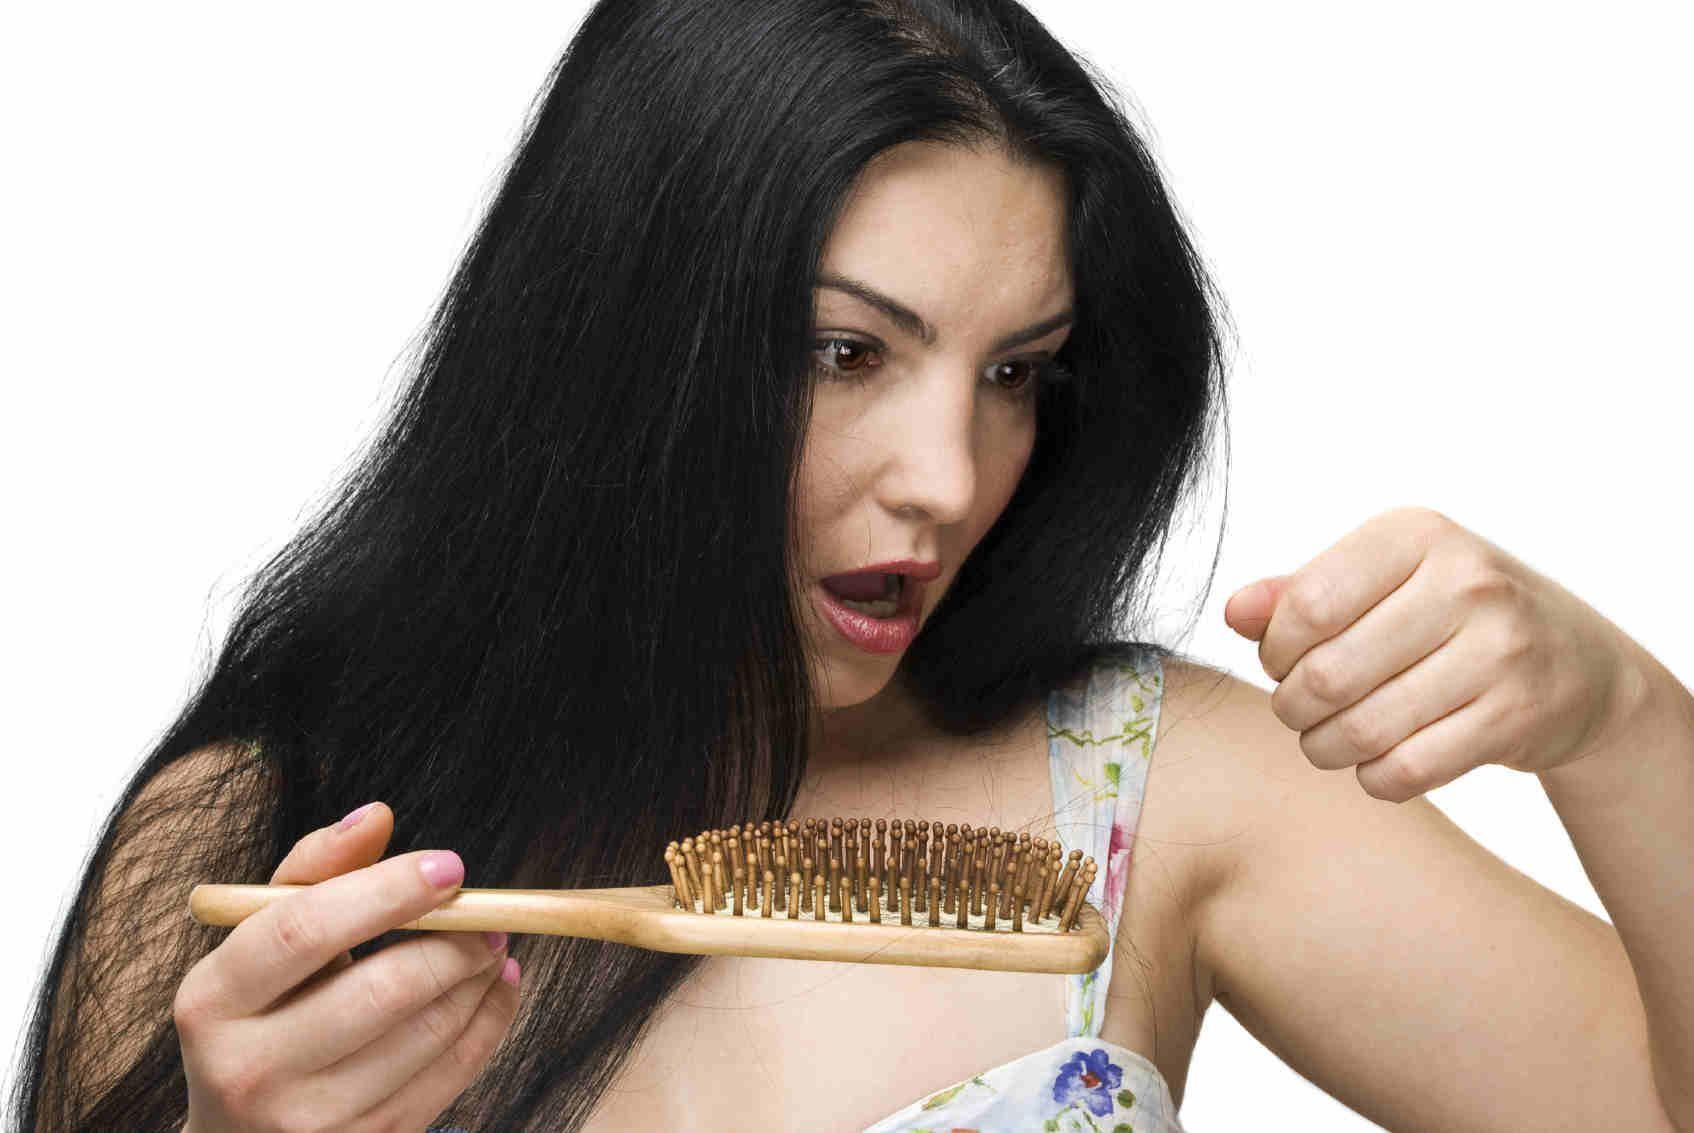 Lavare i capelli troppo spesso fa male?